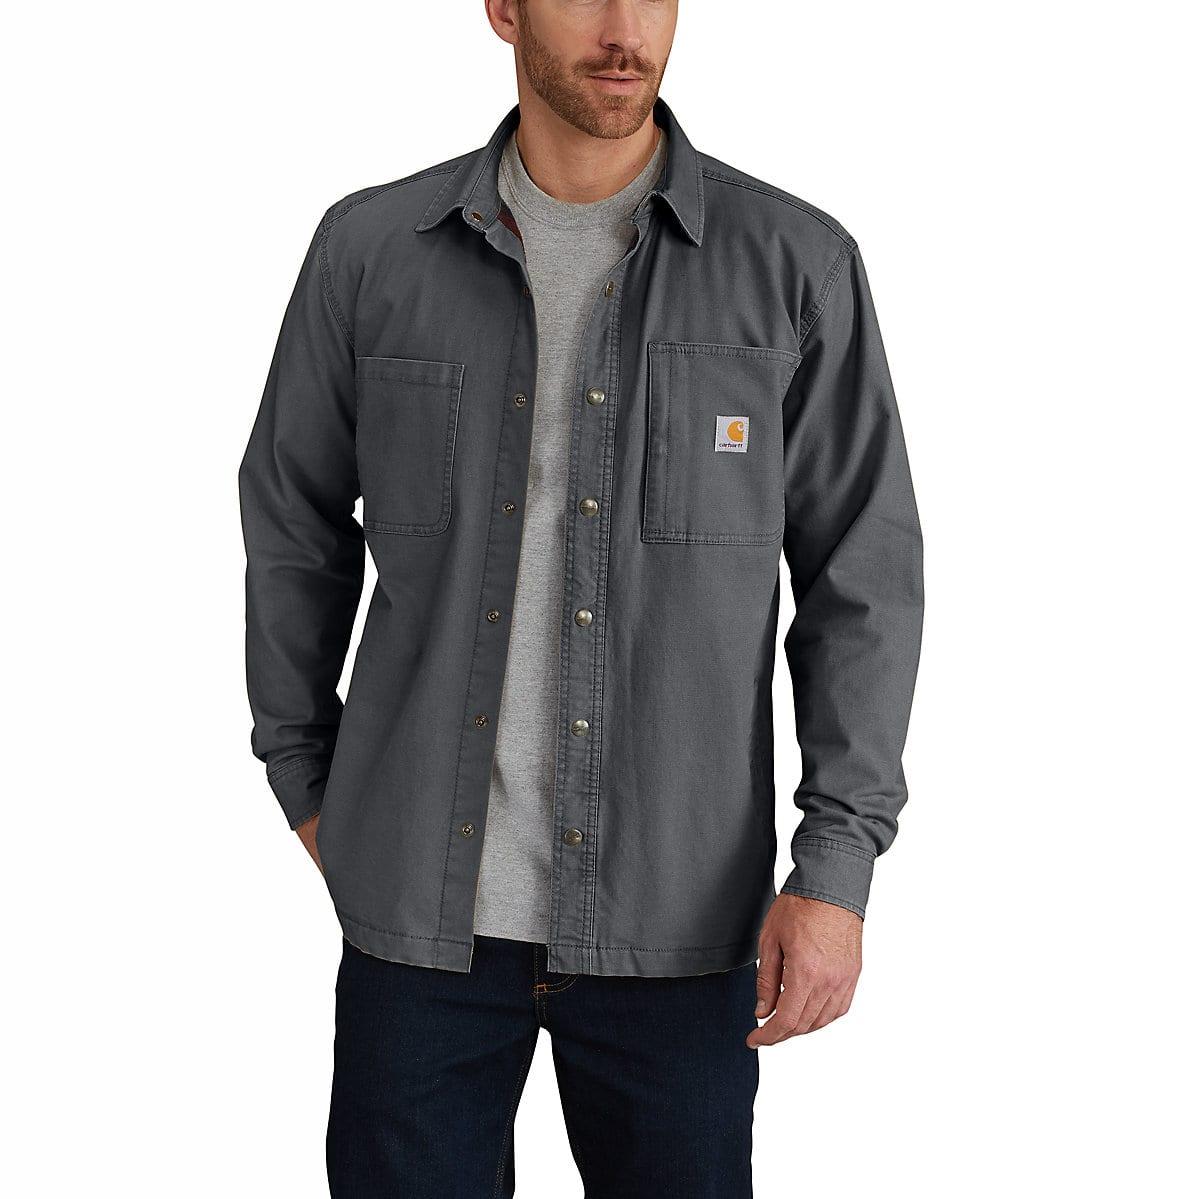 Men S Rugged Flex 174 Rigby Shirt Jac Fleece Lined 102851